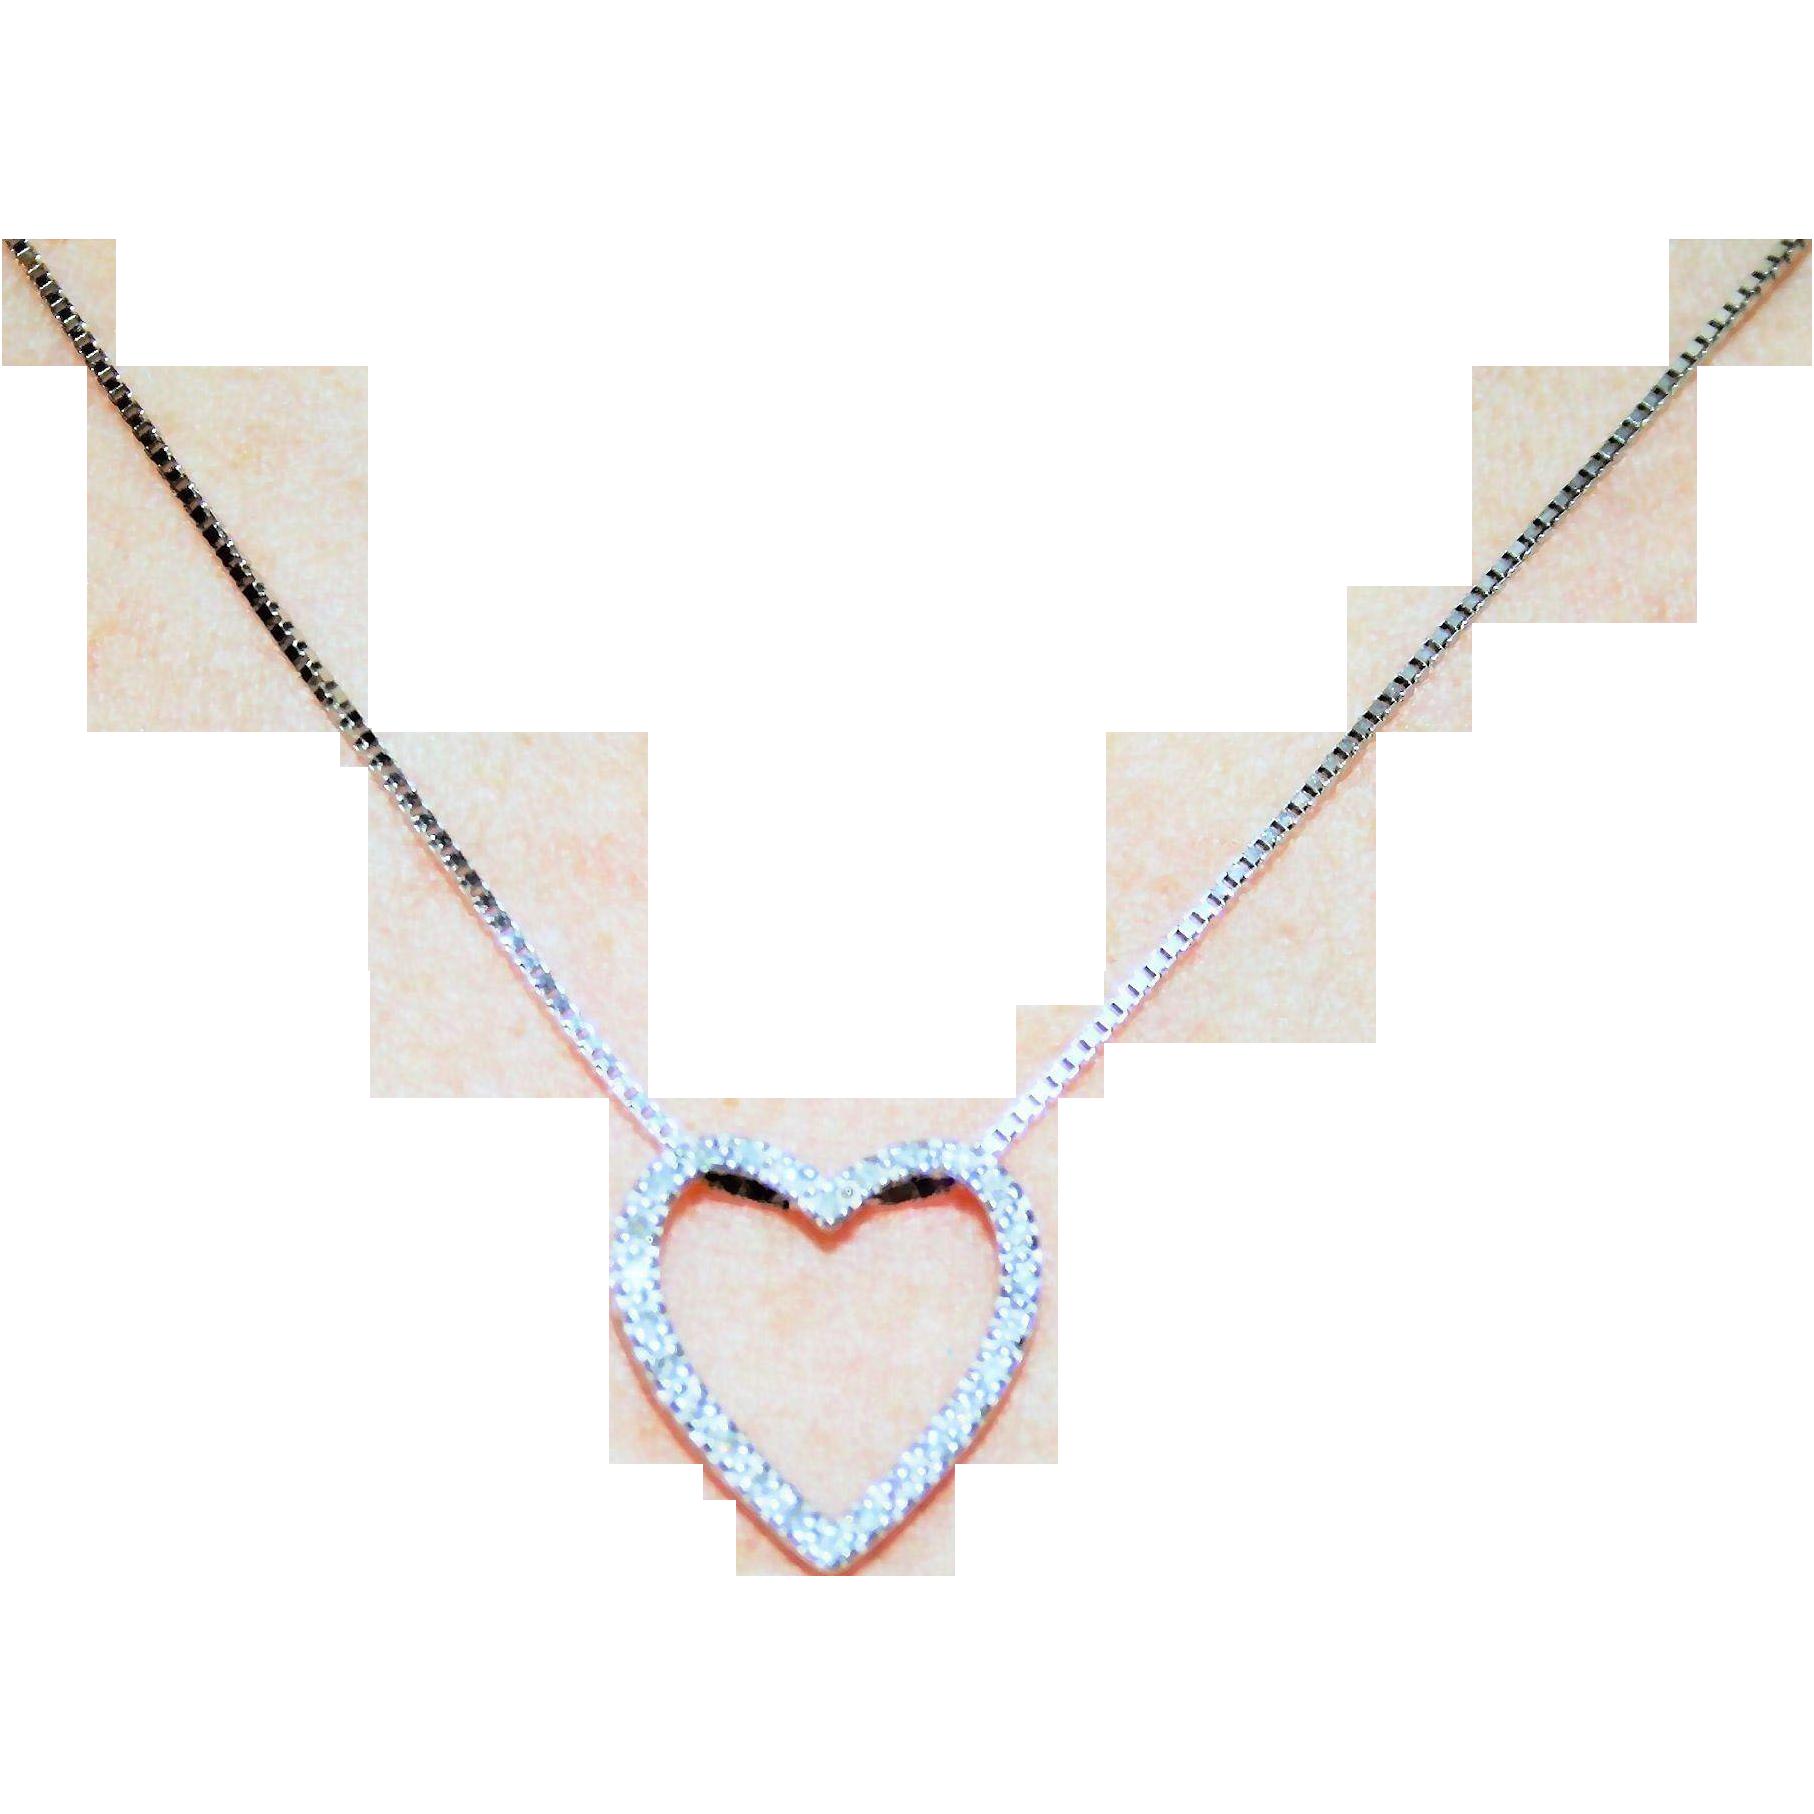 Shimmering White & Fiery Vintage Diamond Heart Pendant in 10 Karat